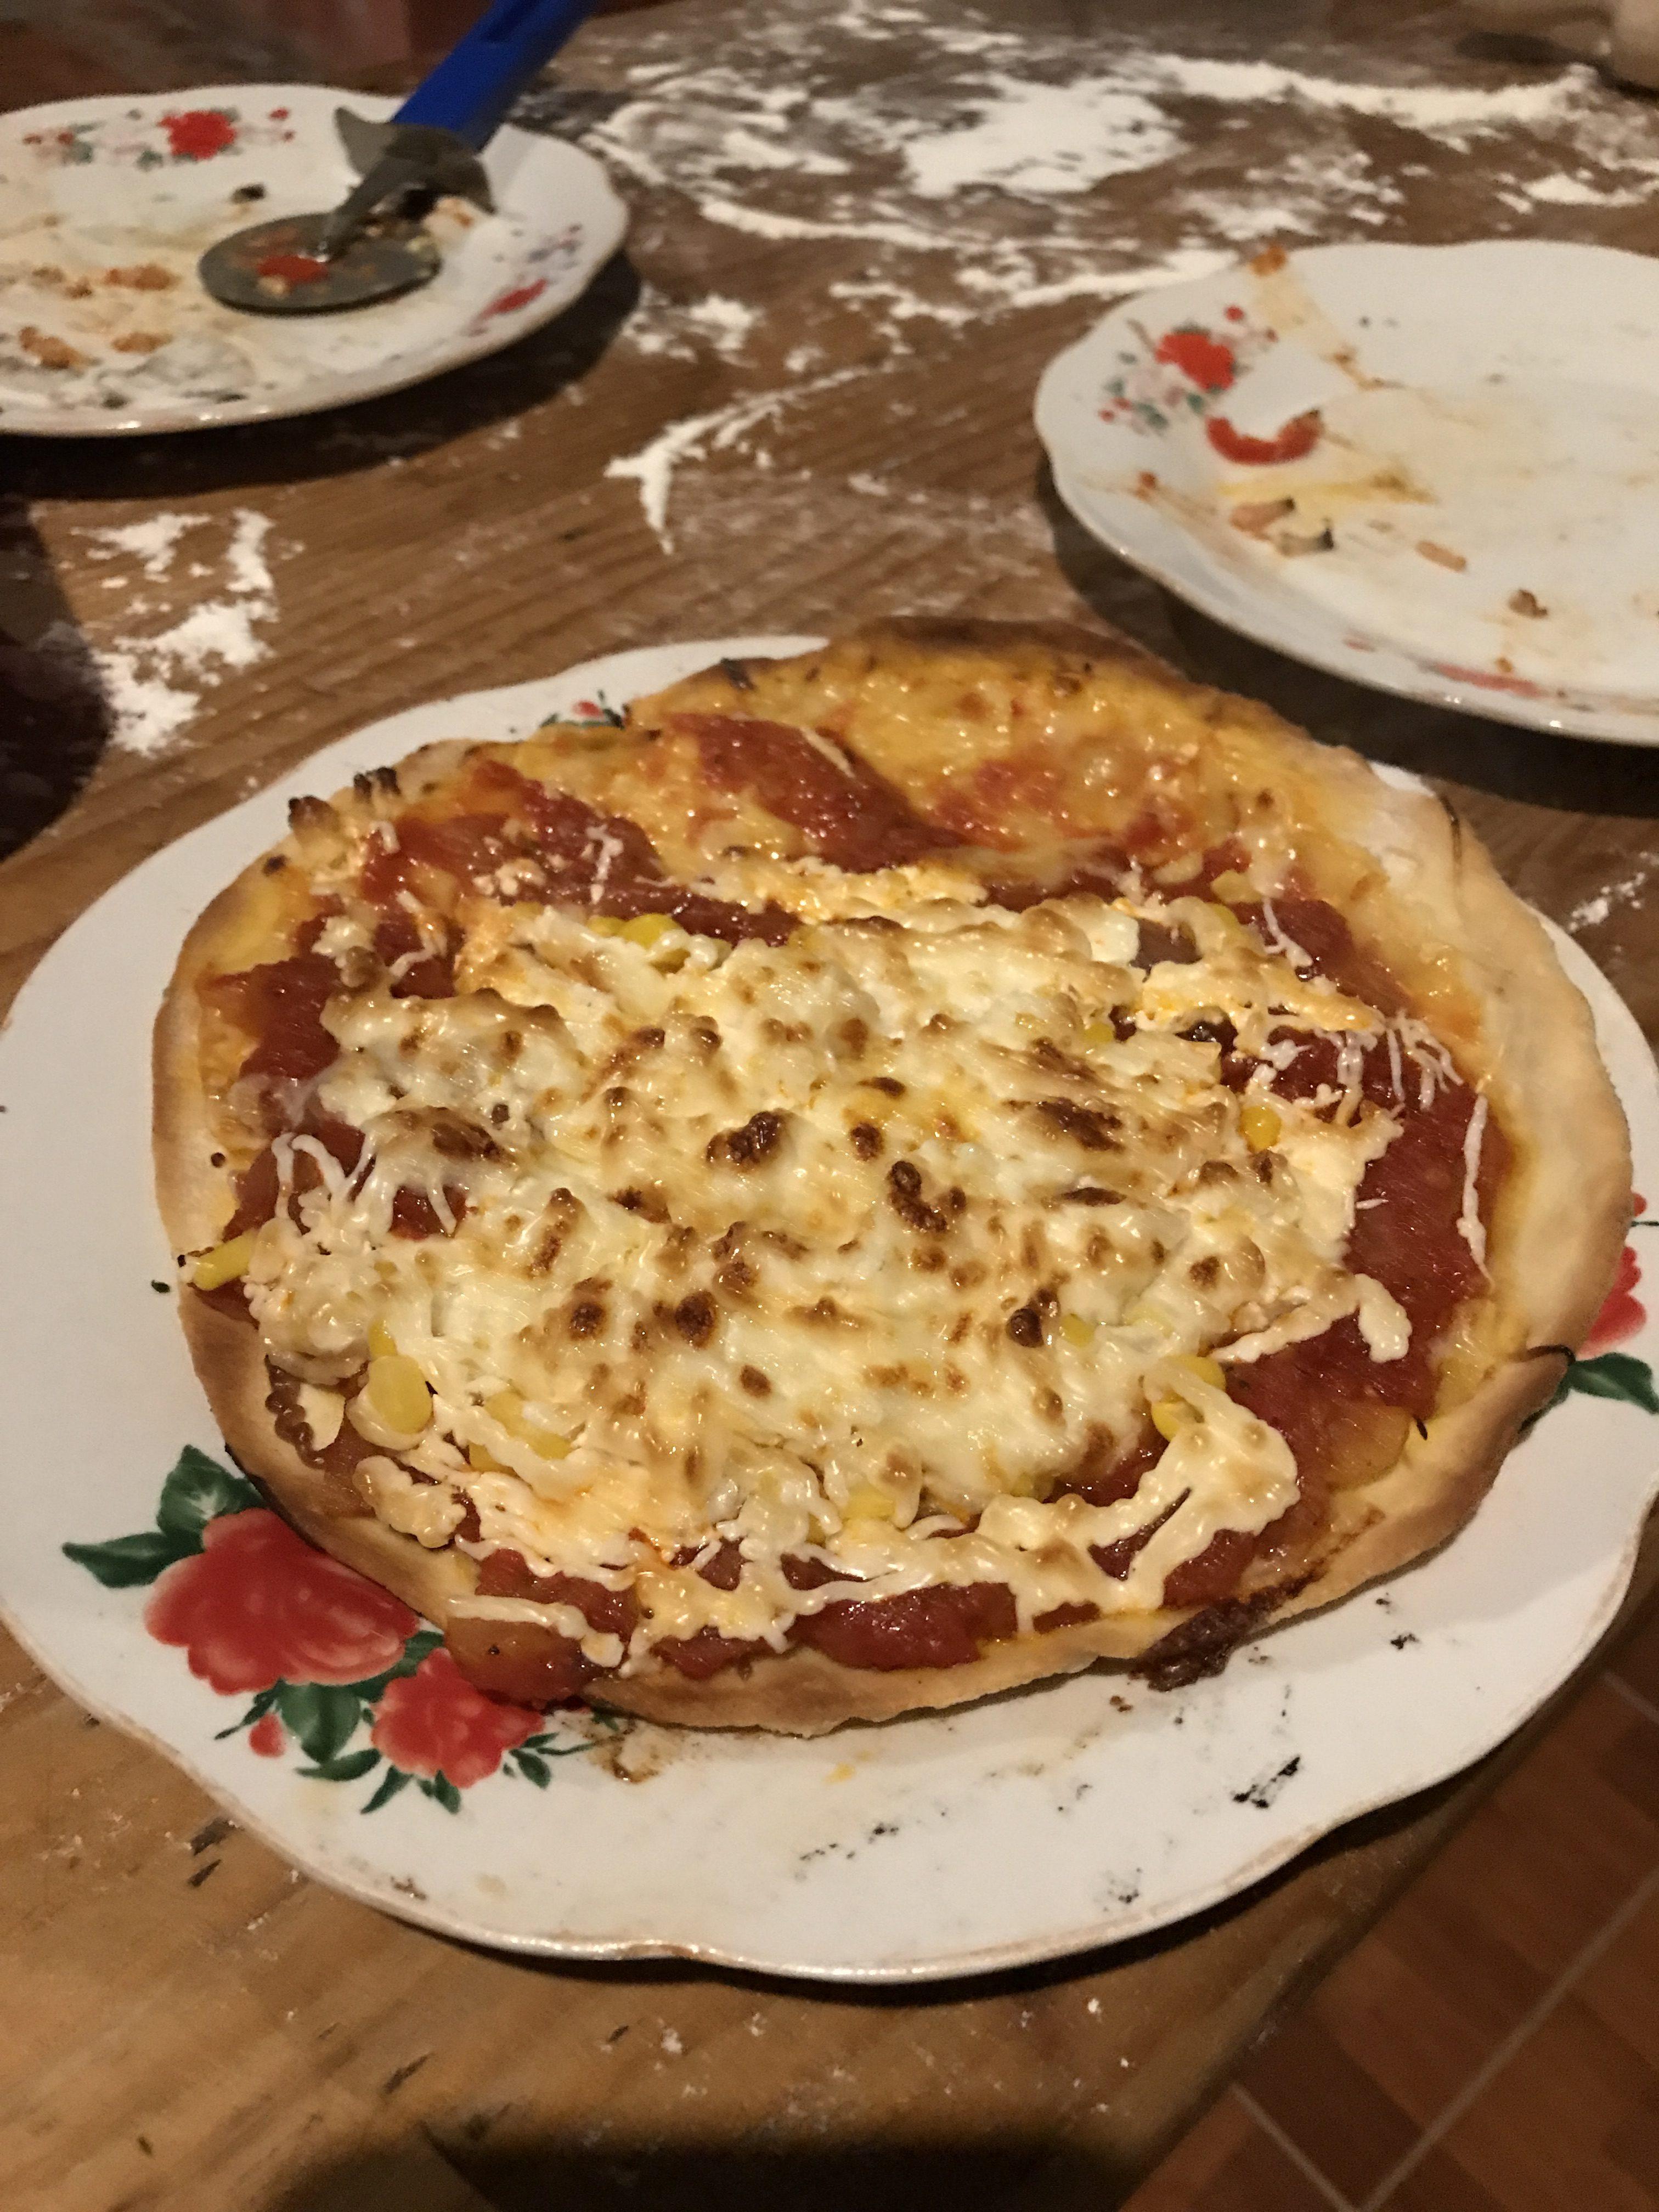 Kamomosiのピザパーティで作ったピザ